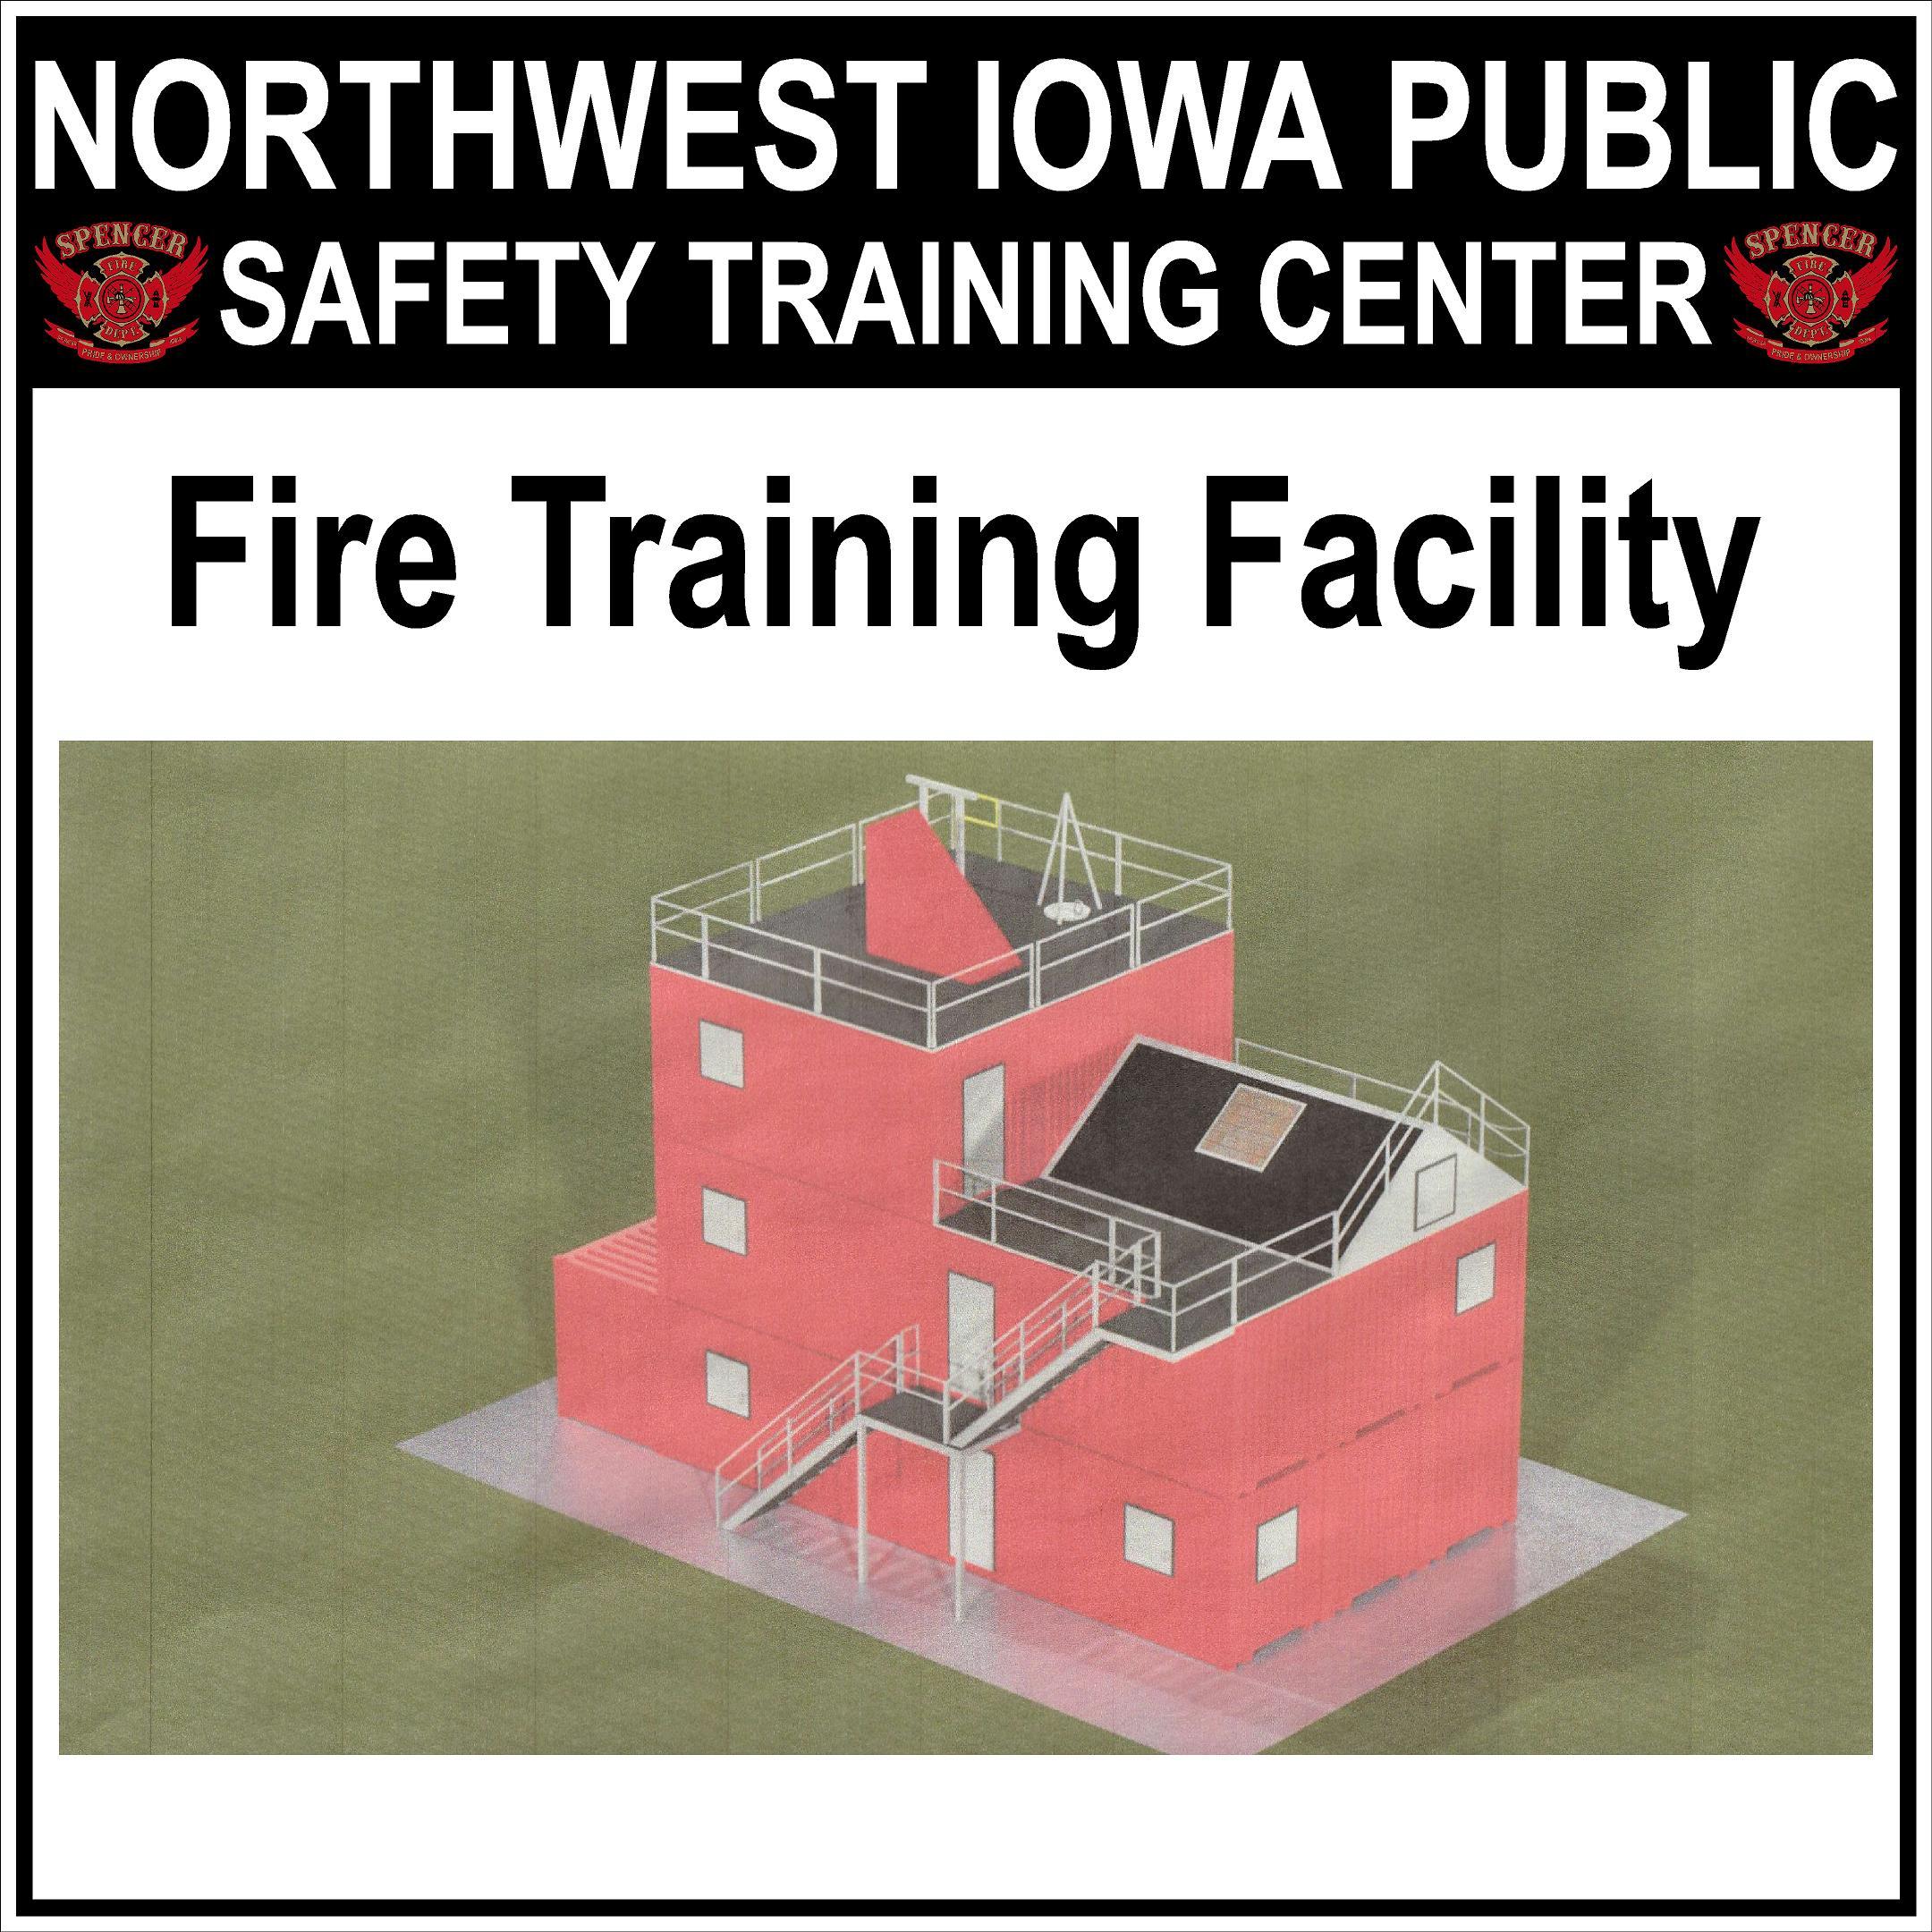 Future Northwest Iowa Public Training Center